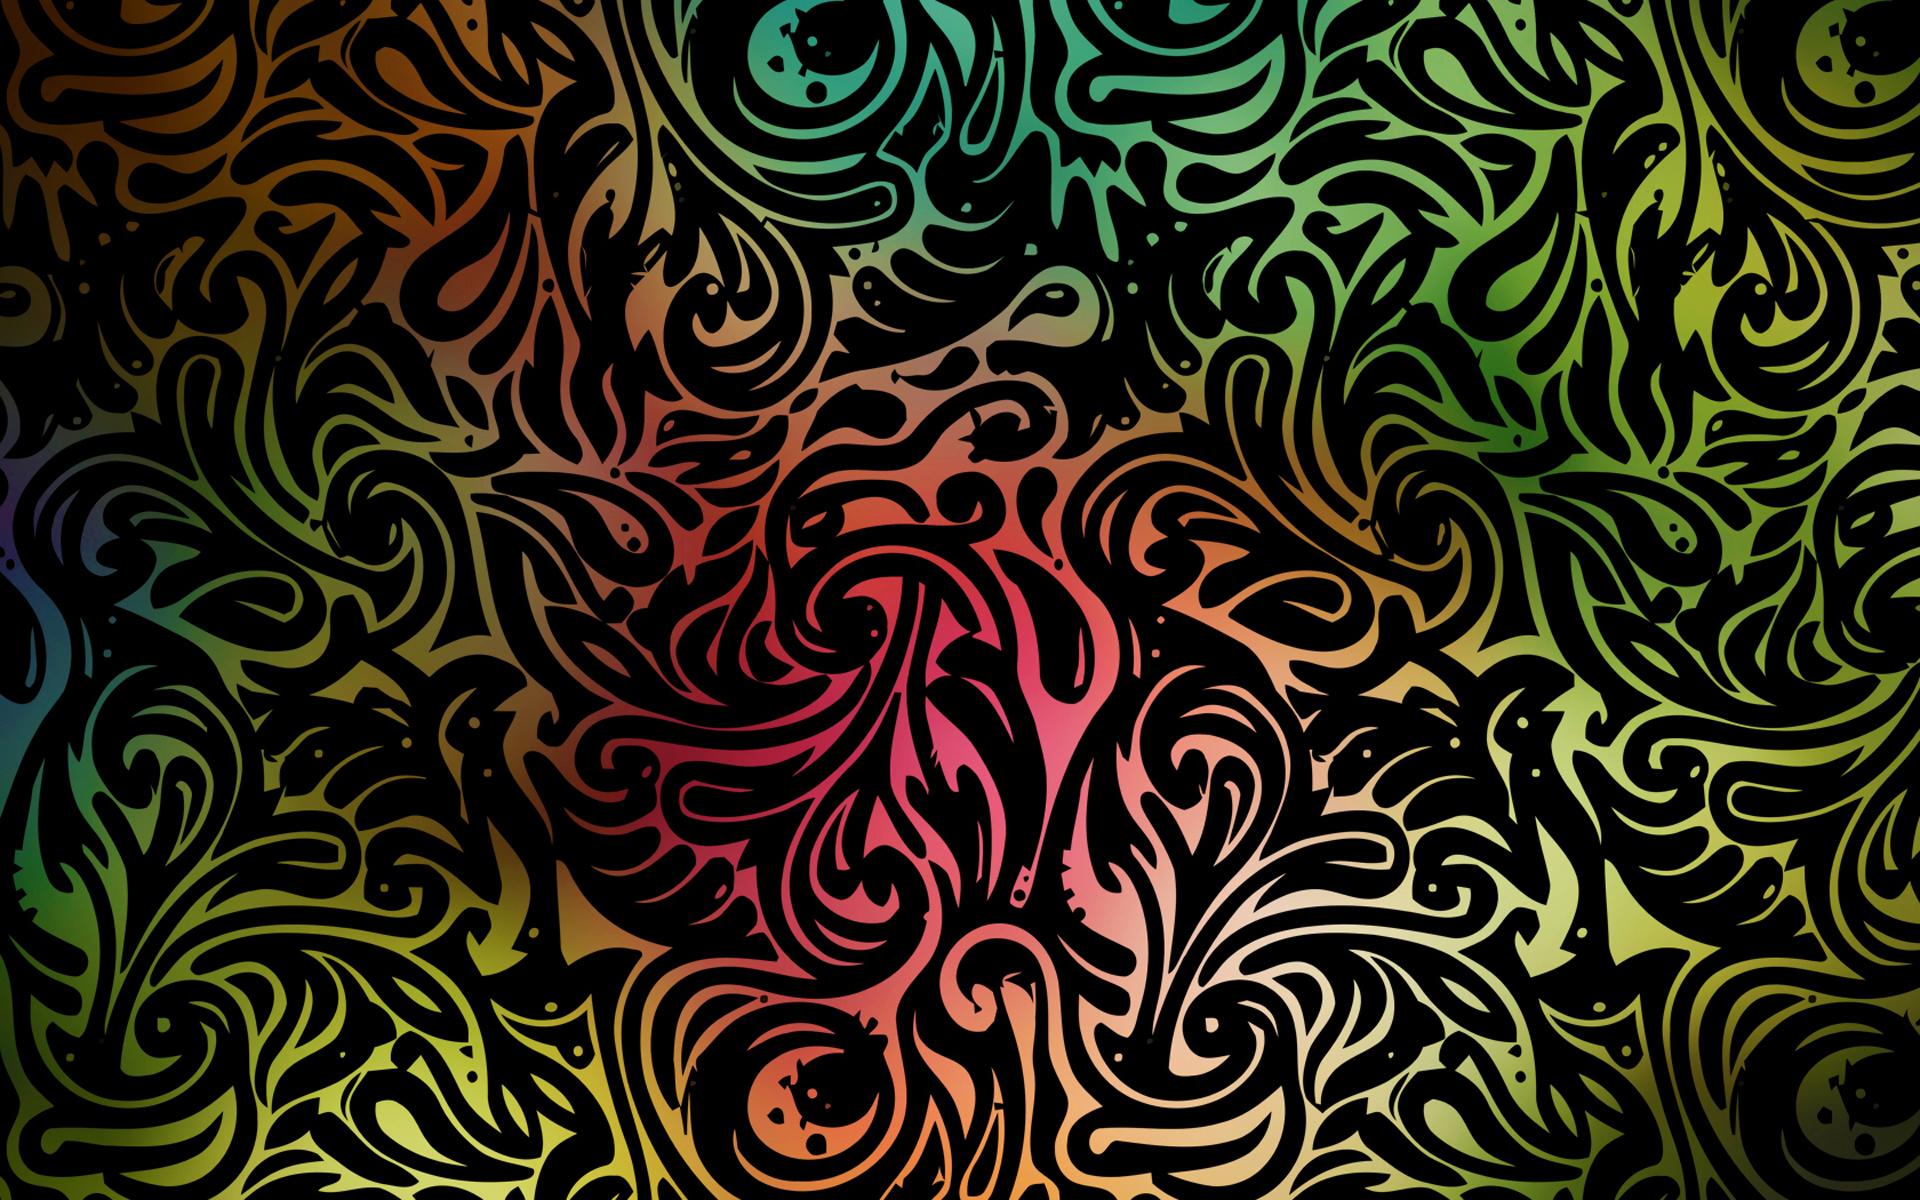 hypebeast wallpaper hd